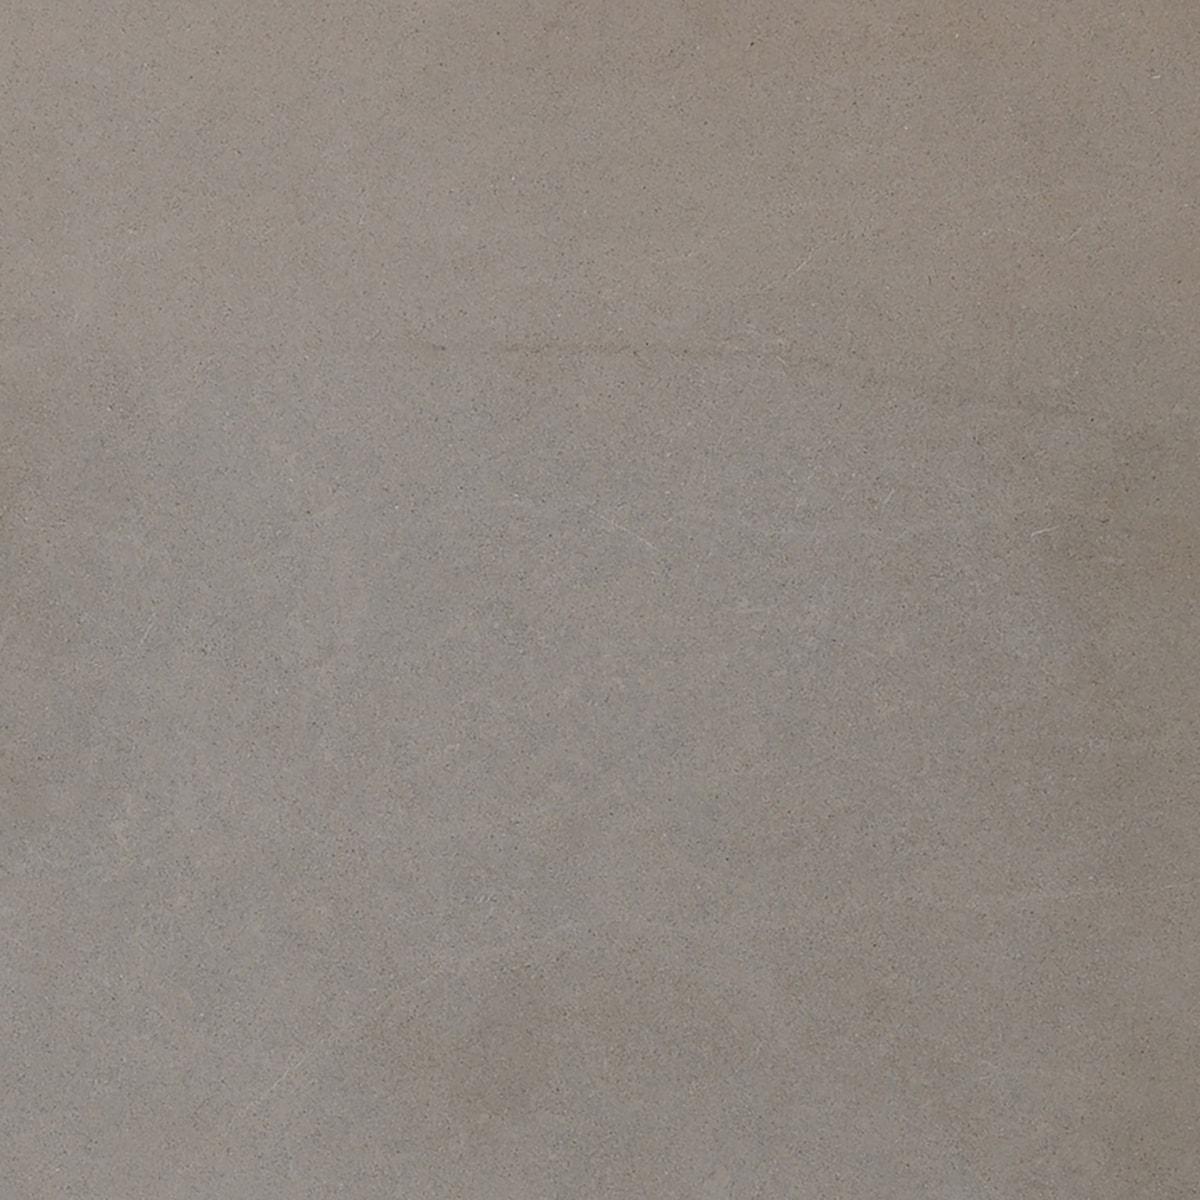 אבן גרגיוצמנטו